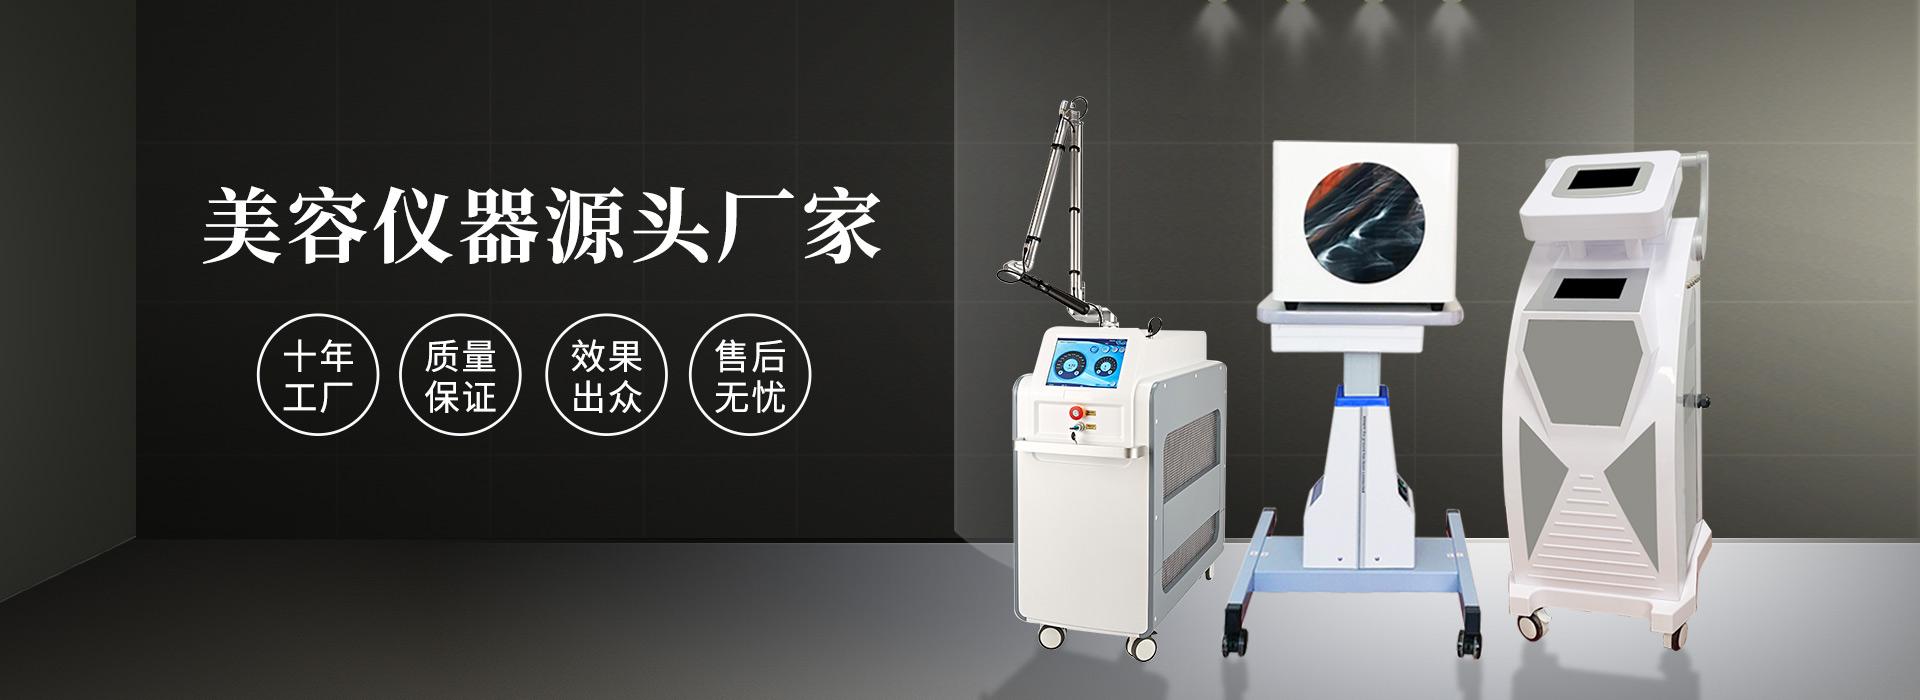 广州磊洋美容仪器厂家,十年工厂,品质保证